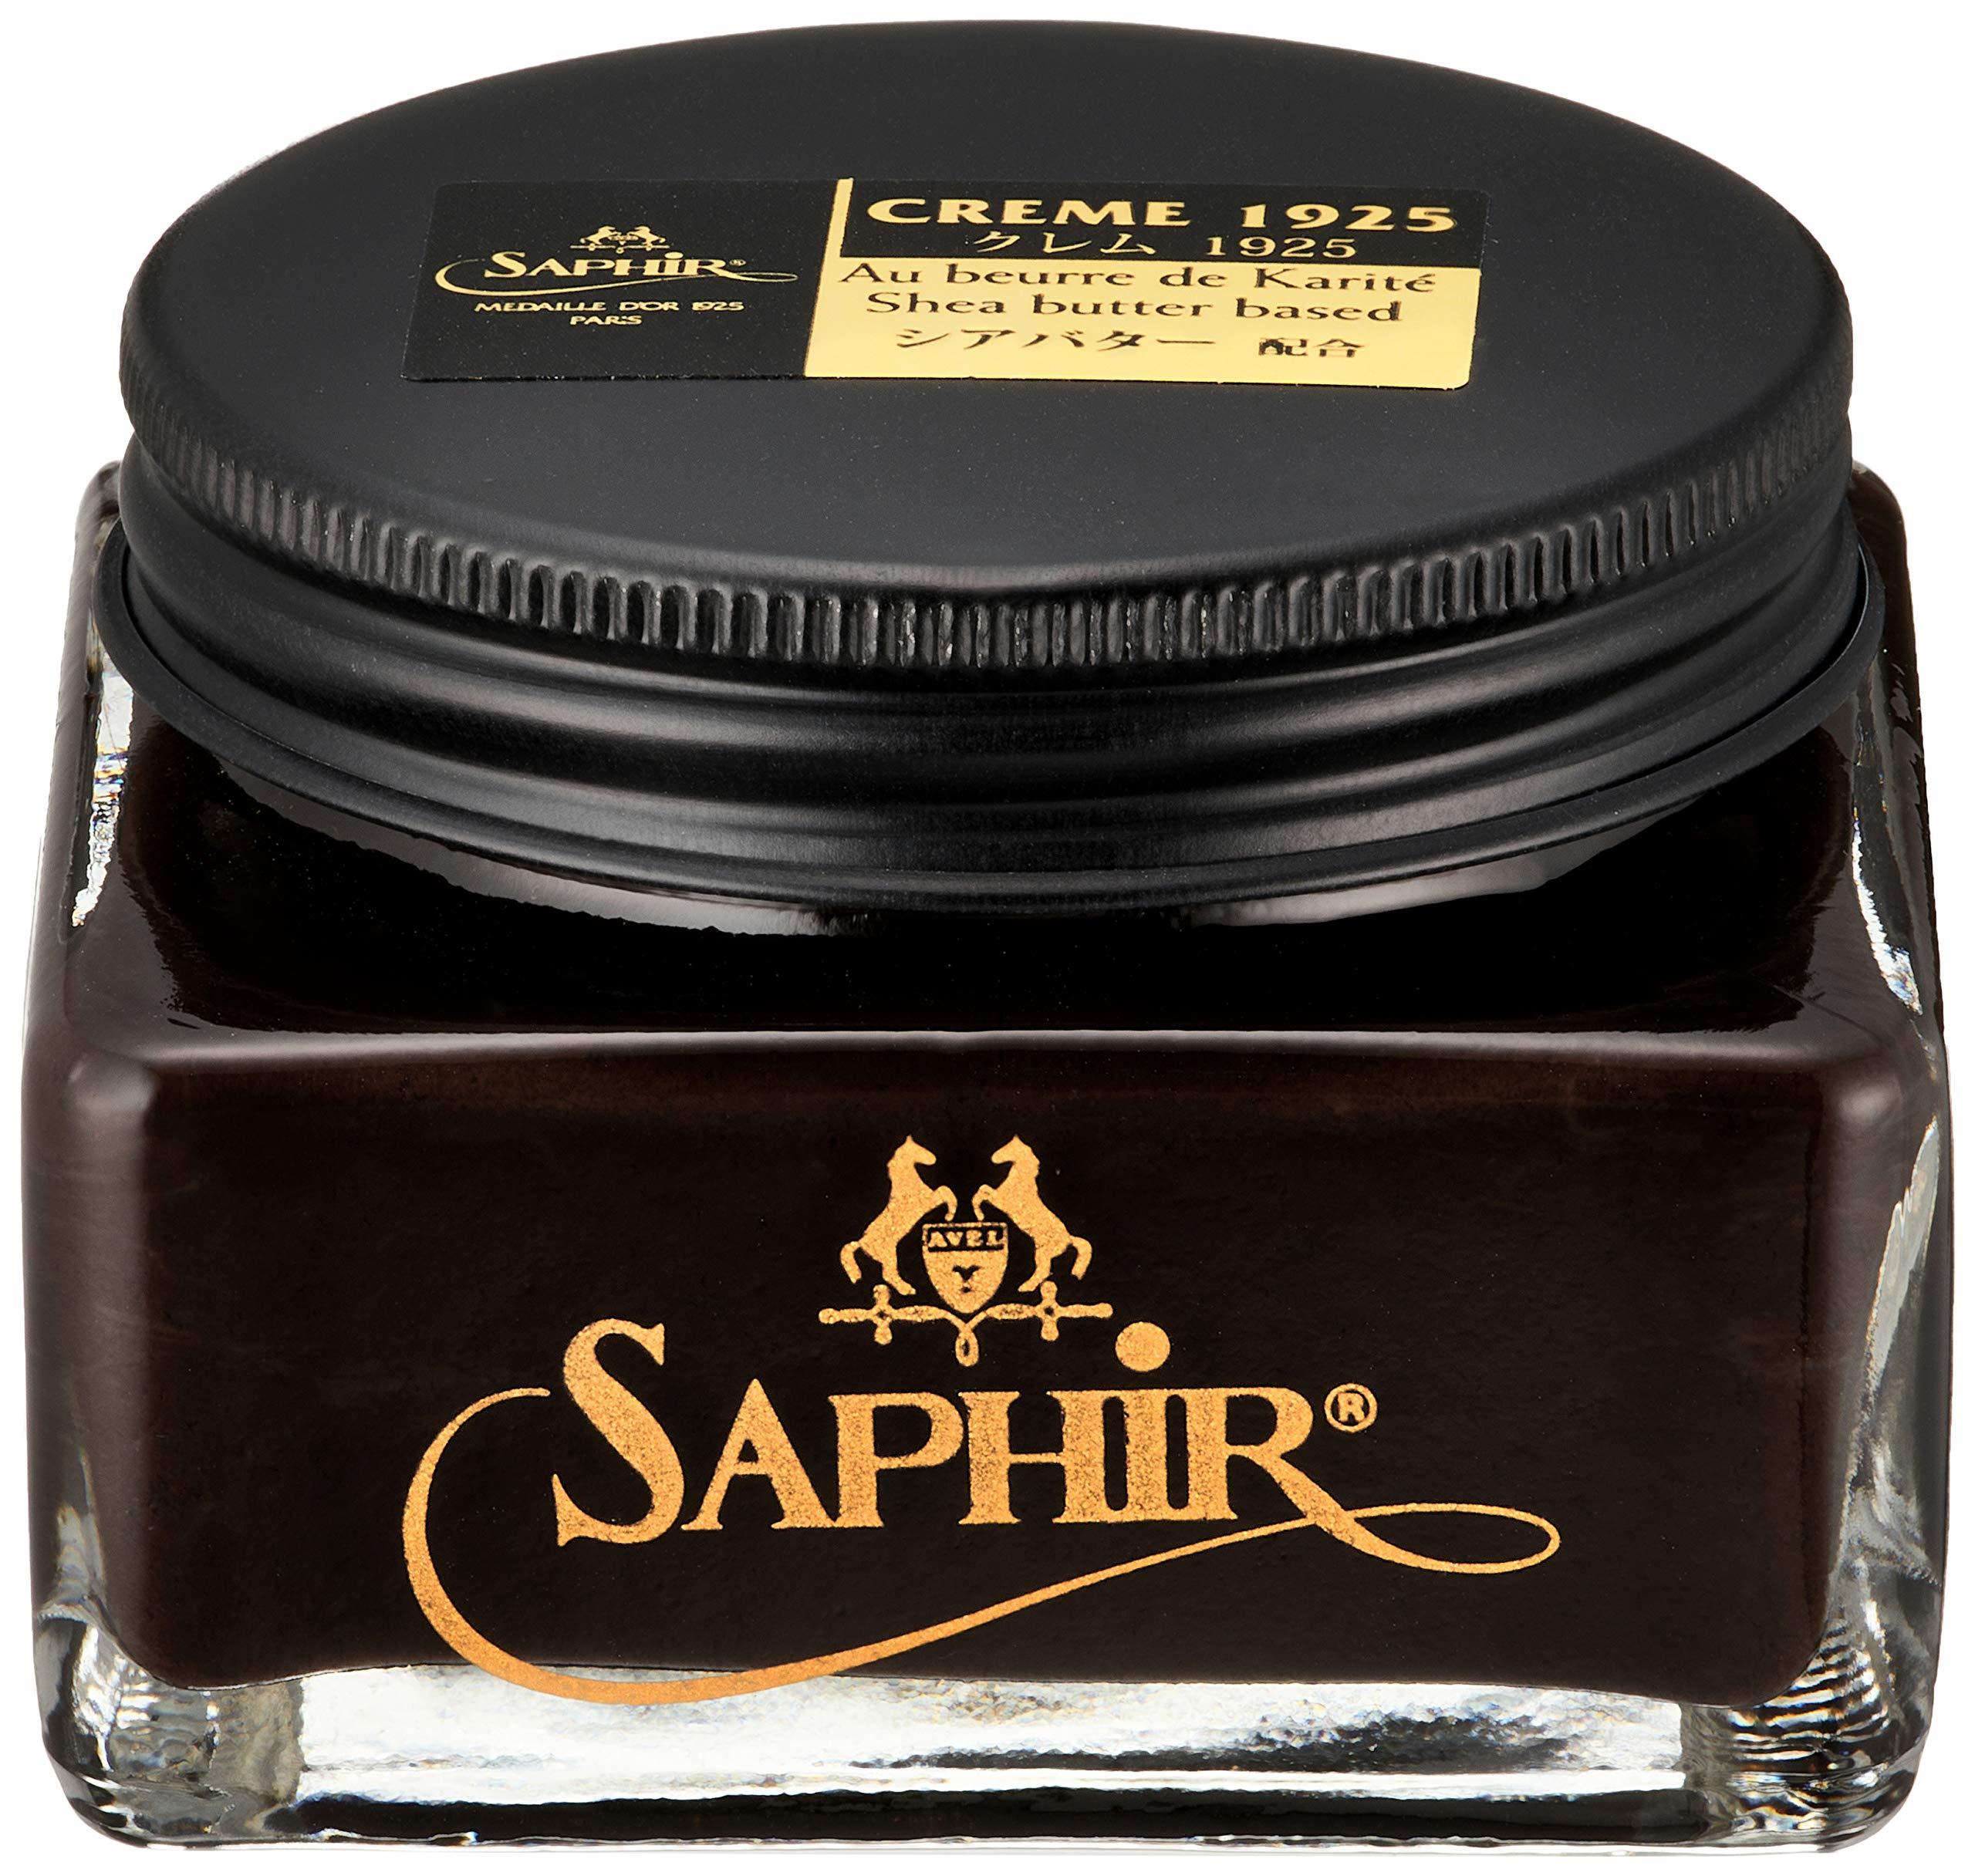 Crema Saphir Pommadier para zapatos 75ml (marrón oscuro)